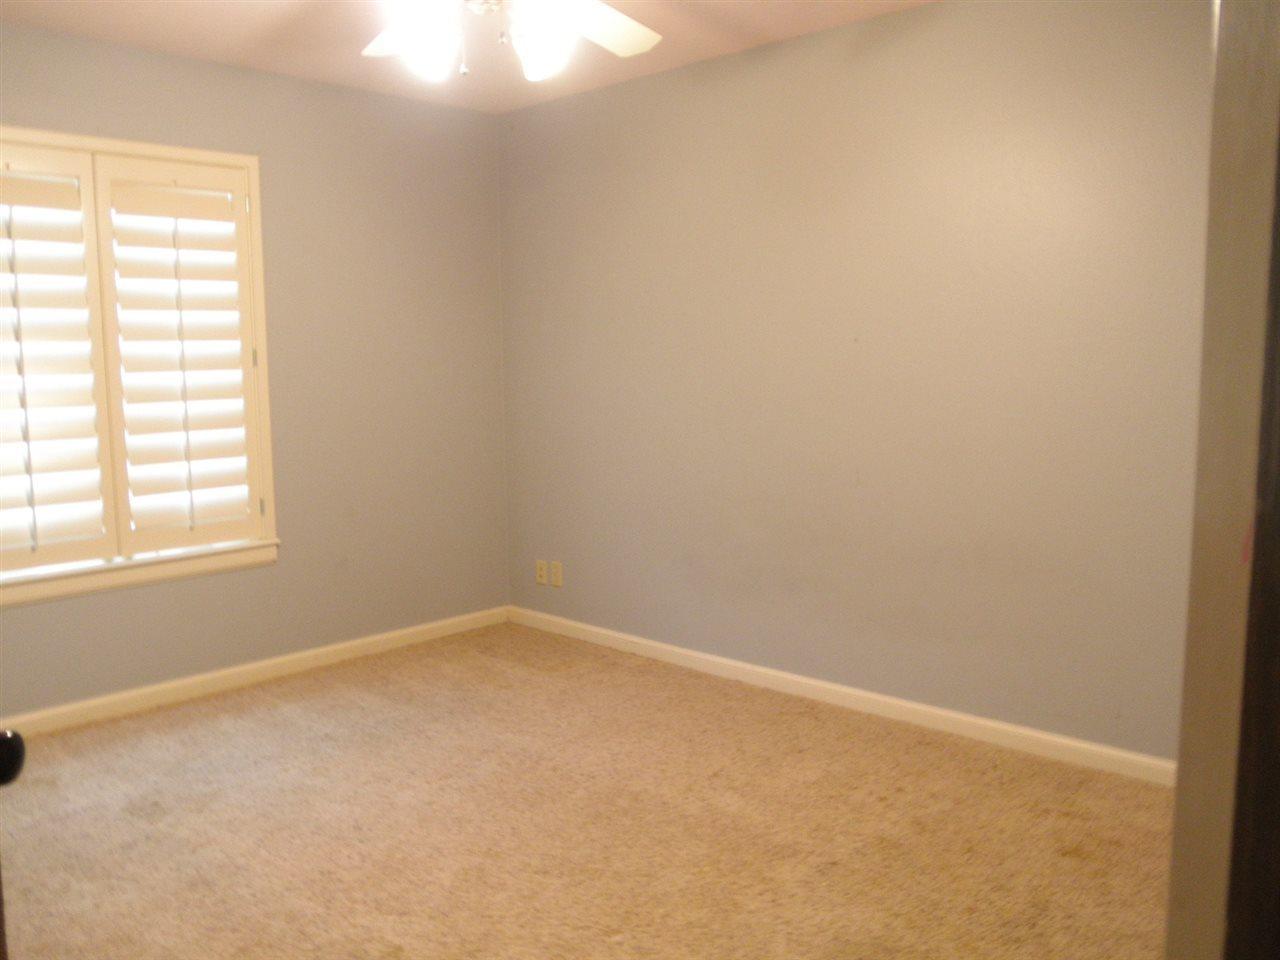 Sold Cross Sale W/ MLS | 2705 Mockingbird  Ponca City, OK 74604 17